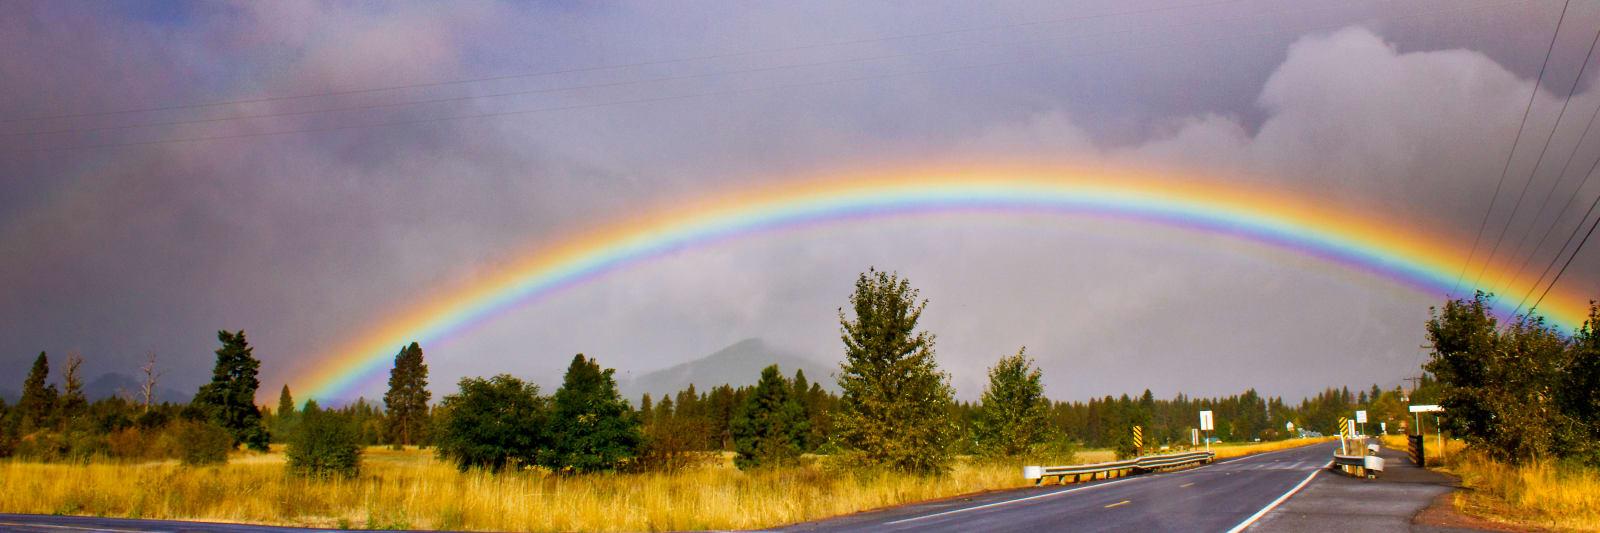 Rainbow-TL-20100920_6166-w1600.jpg